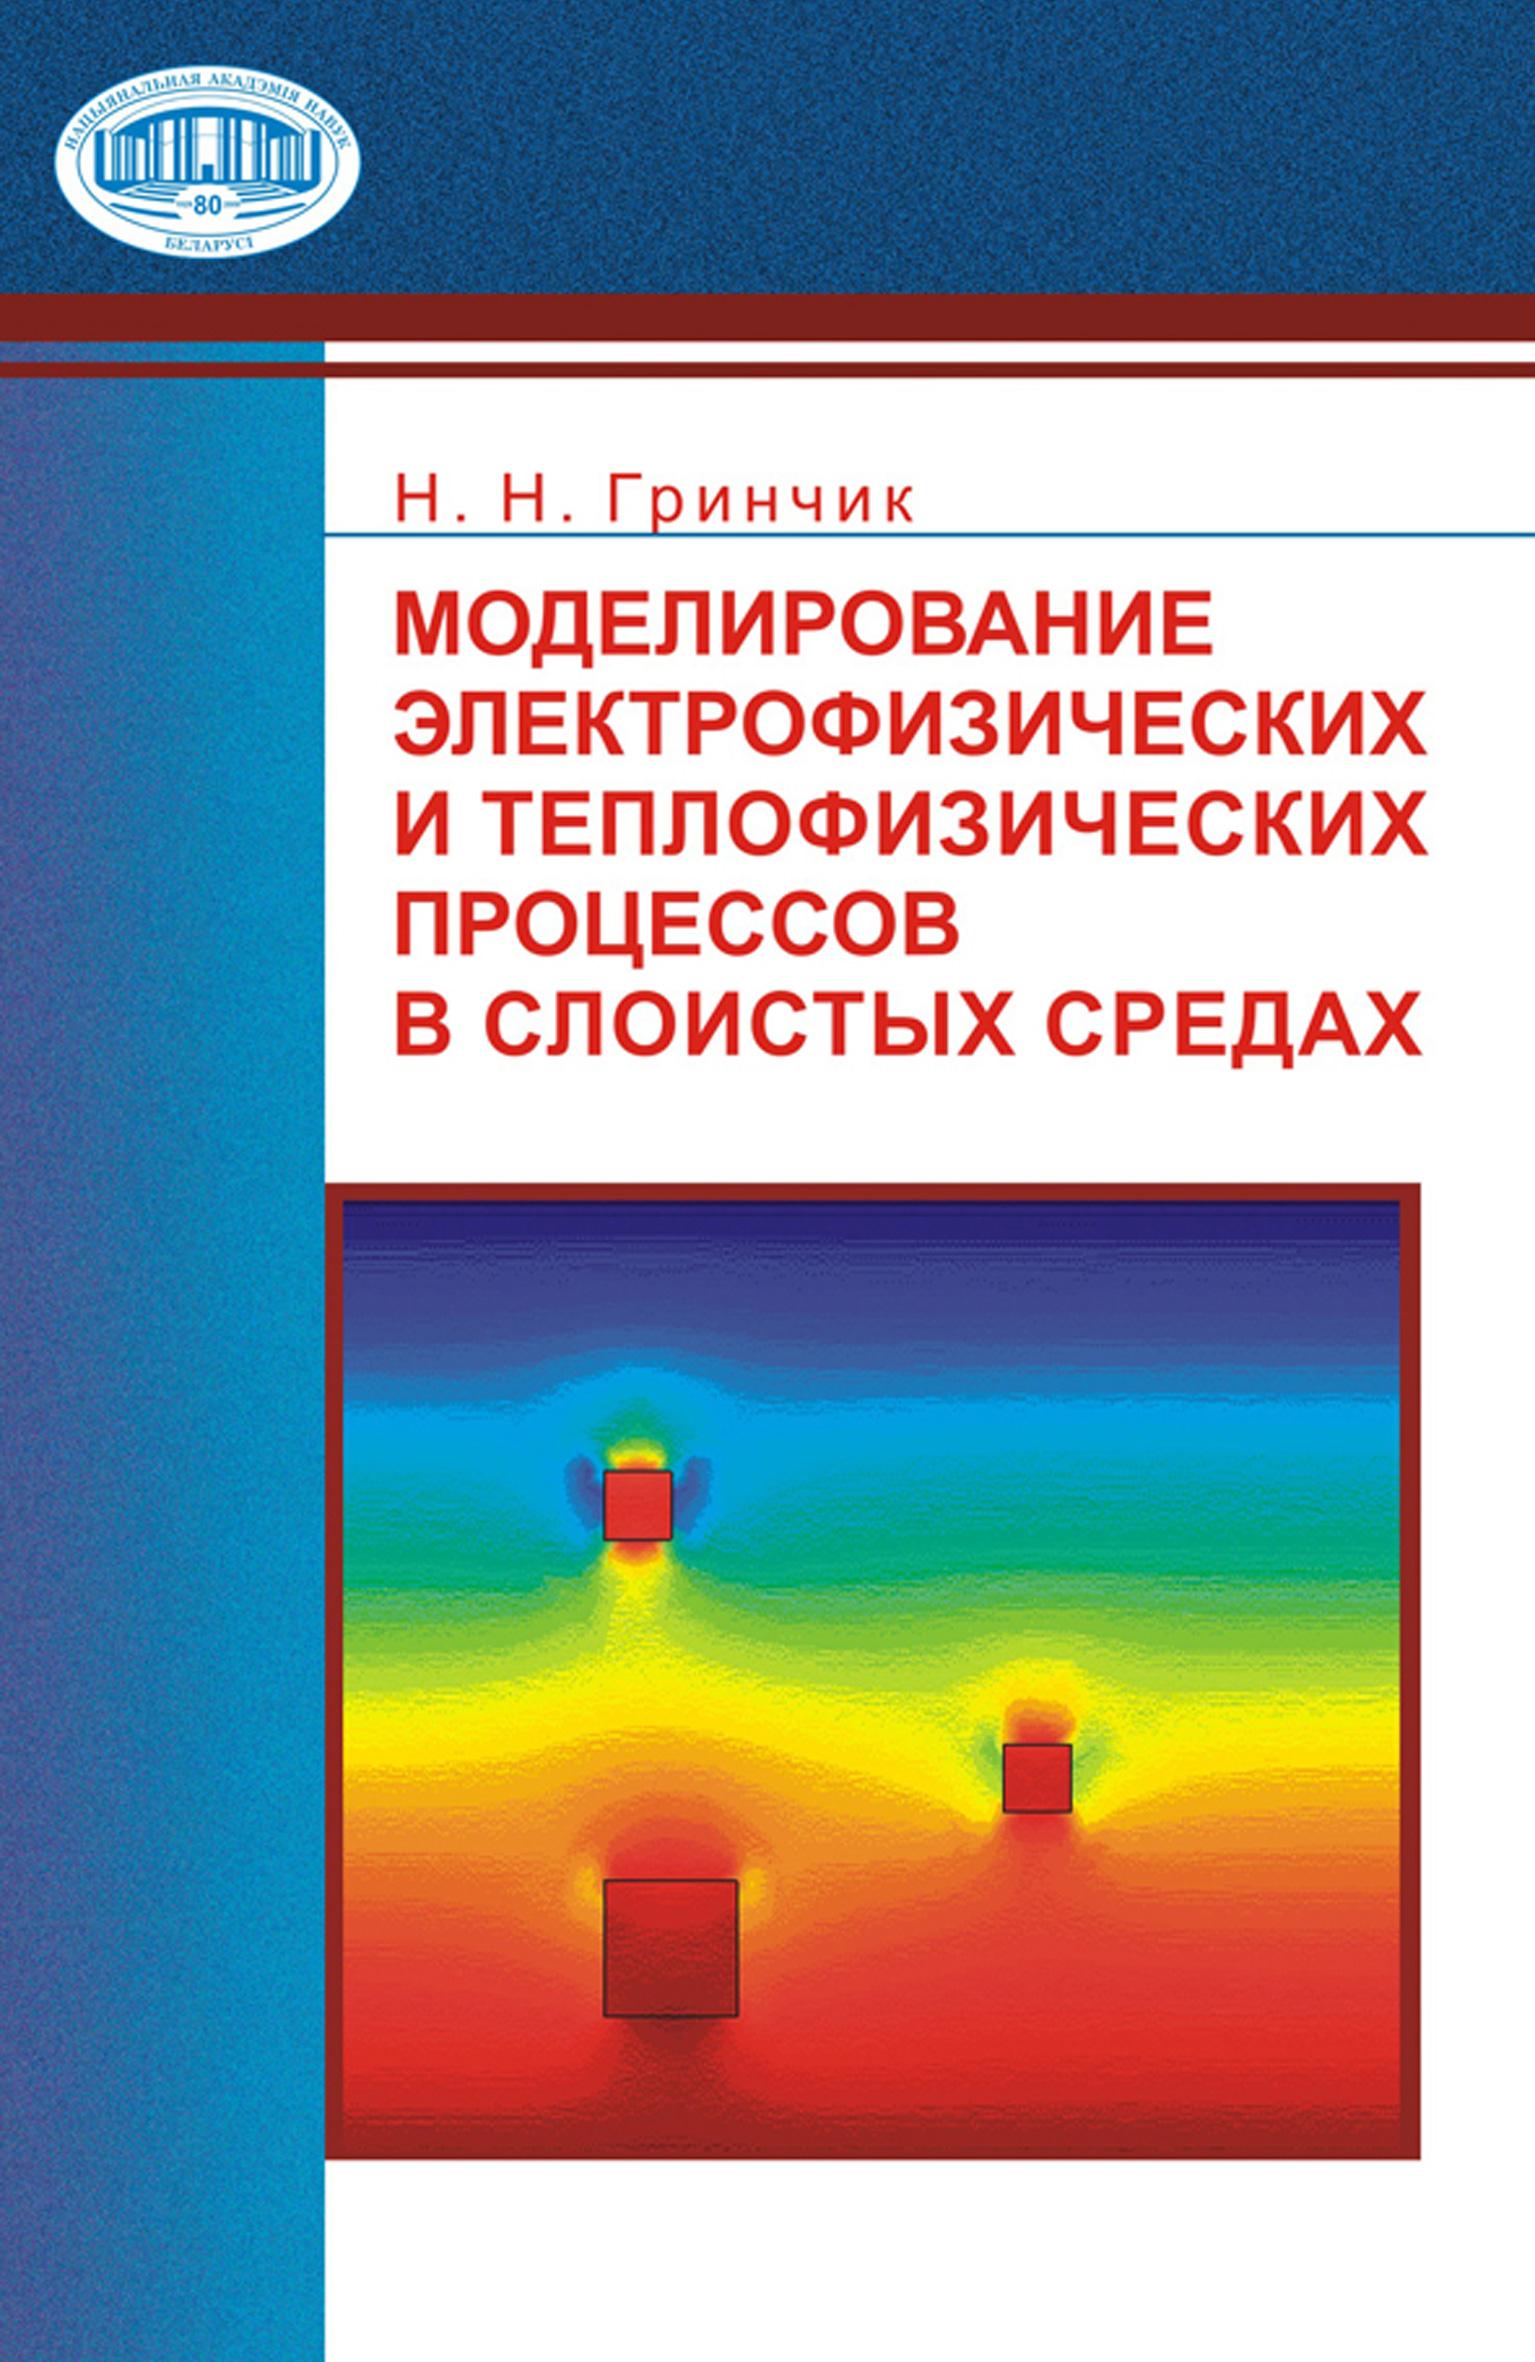 Н. Н. Гринчик Моделирование электрофизических и тепловых процессов в слоистых средах